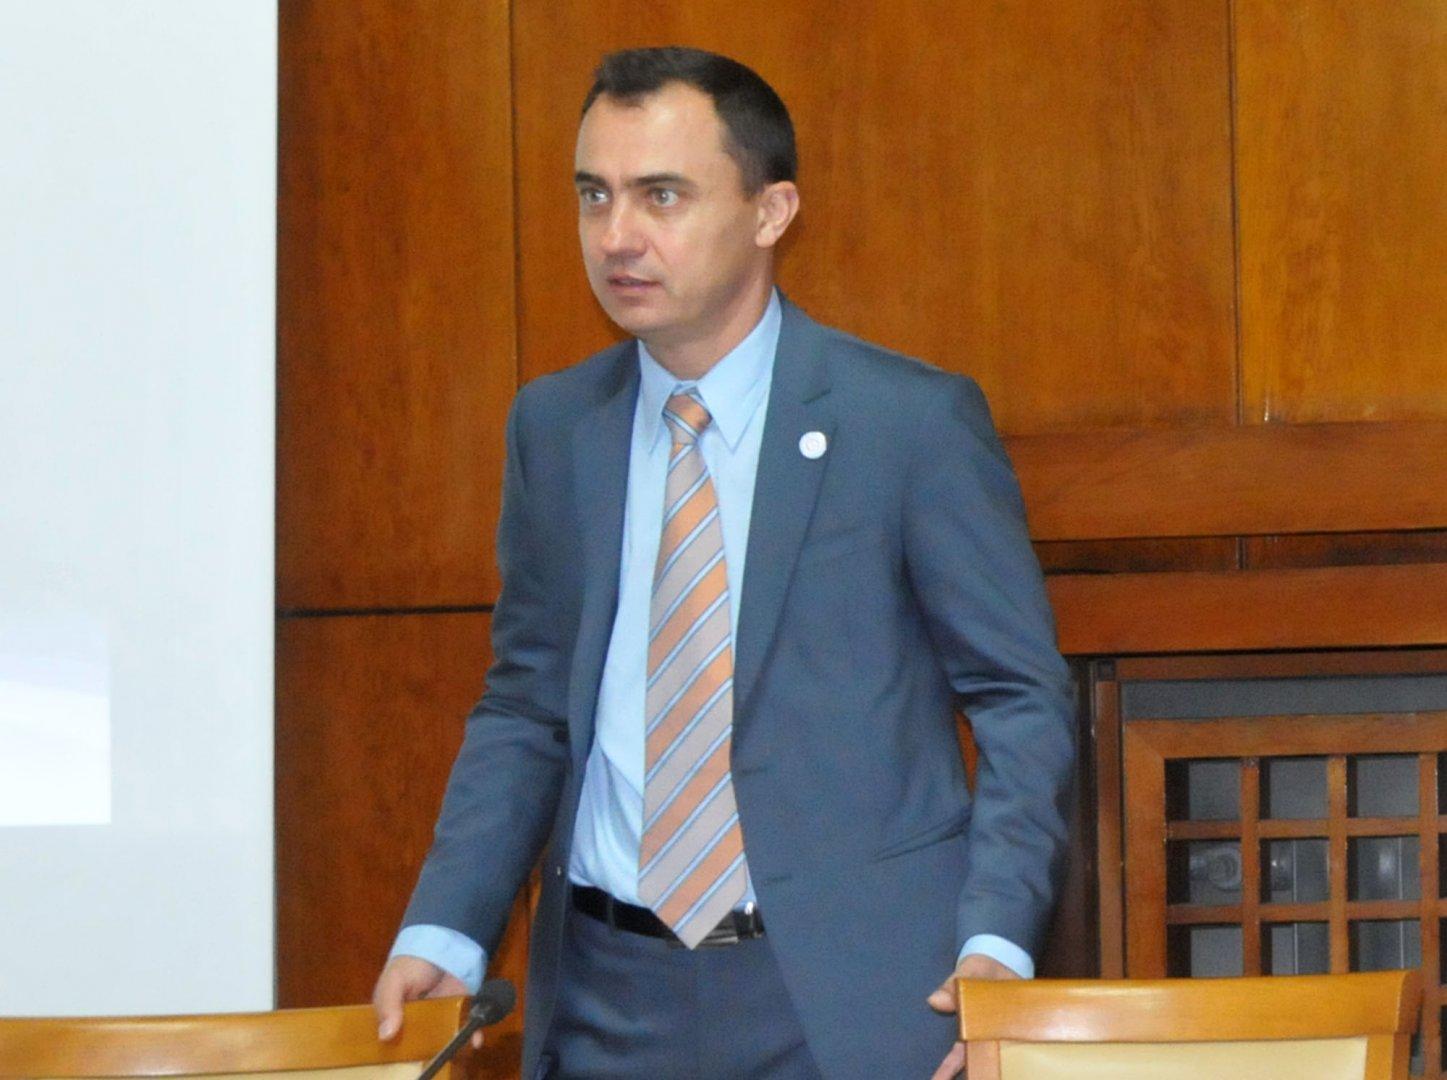 Стефан Колев - председател на тракийско дружество Странджа. Снимка Архив Черноморие-бг